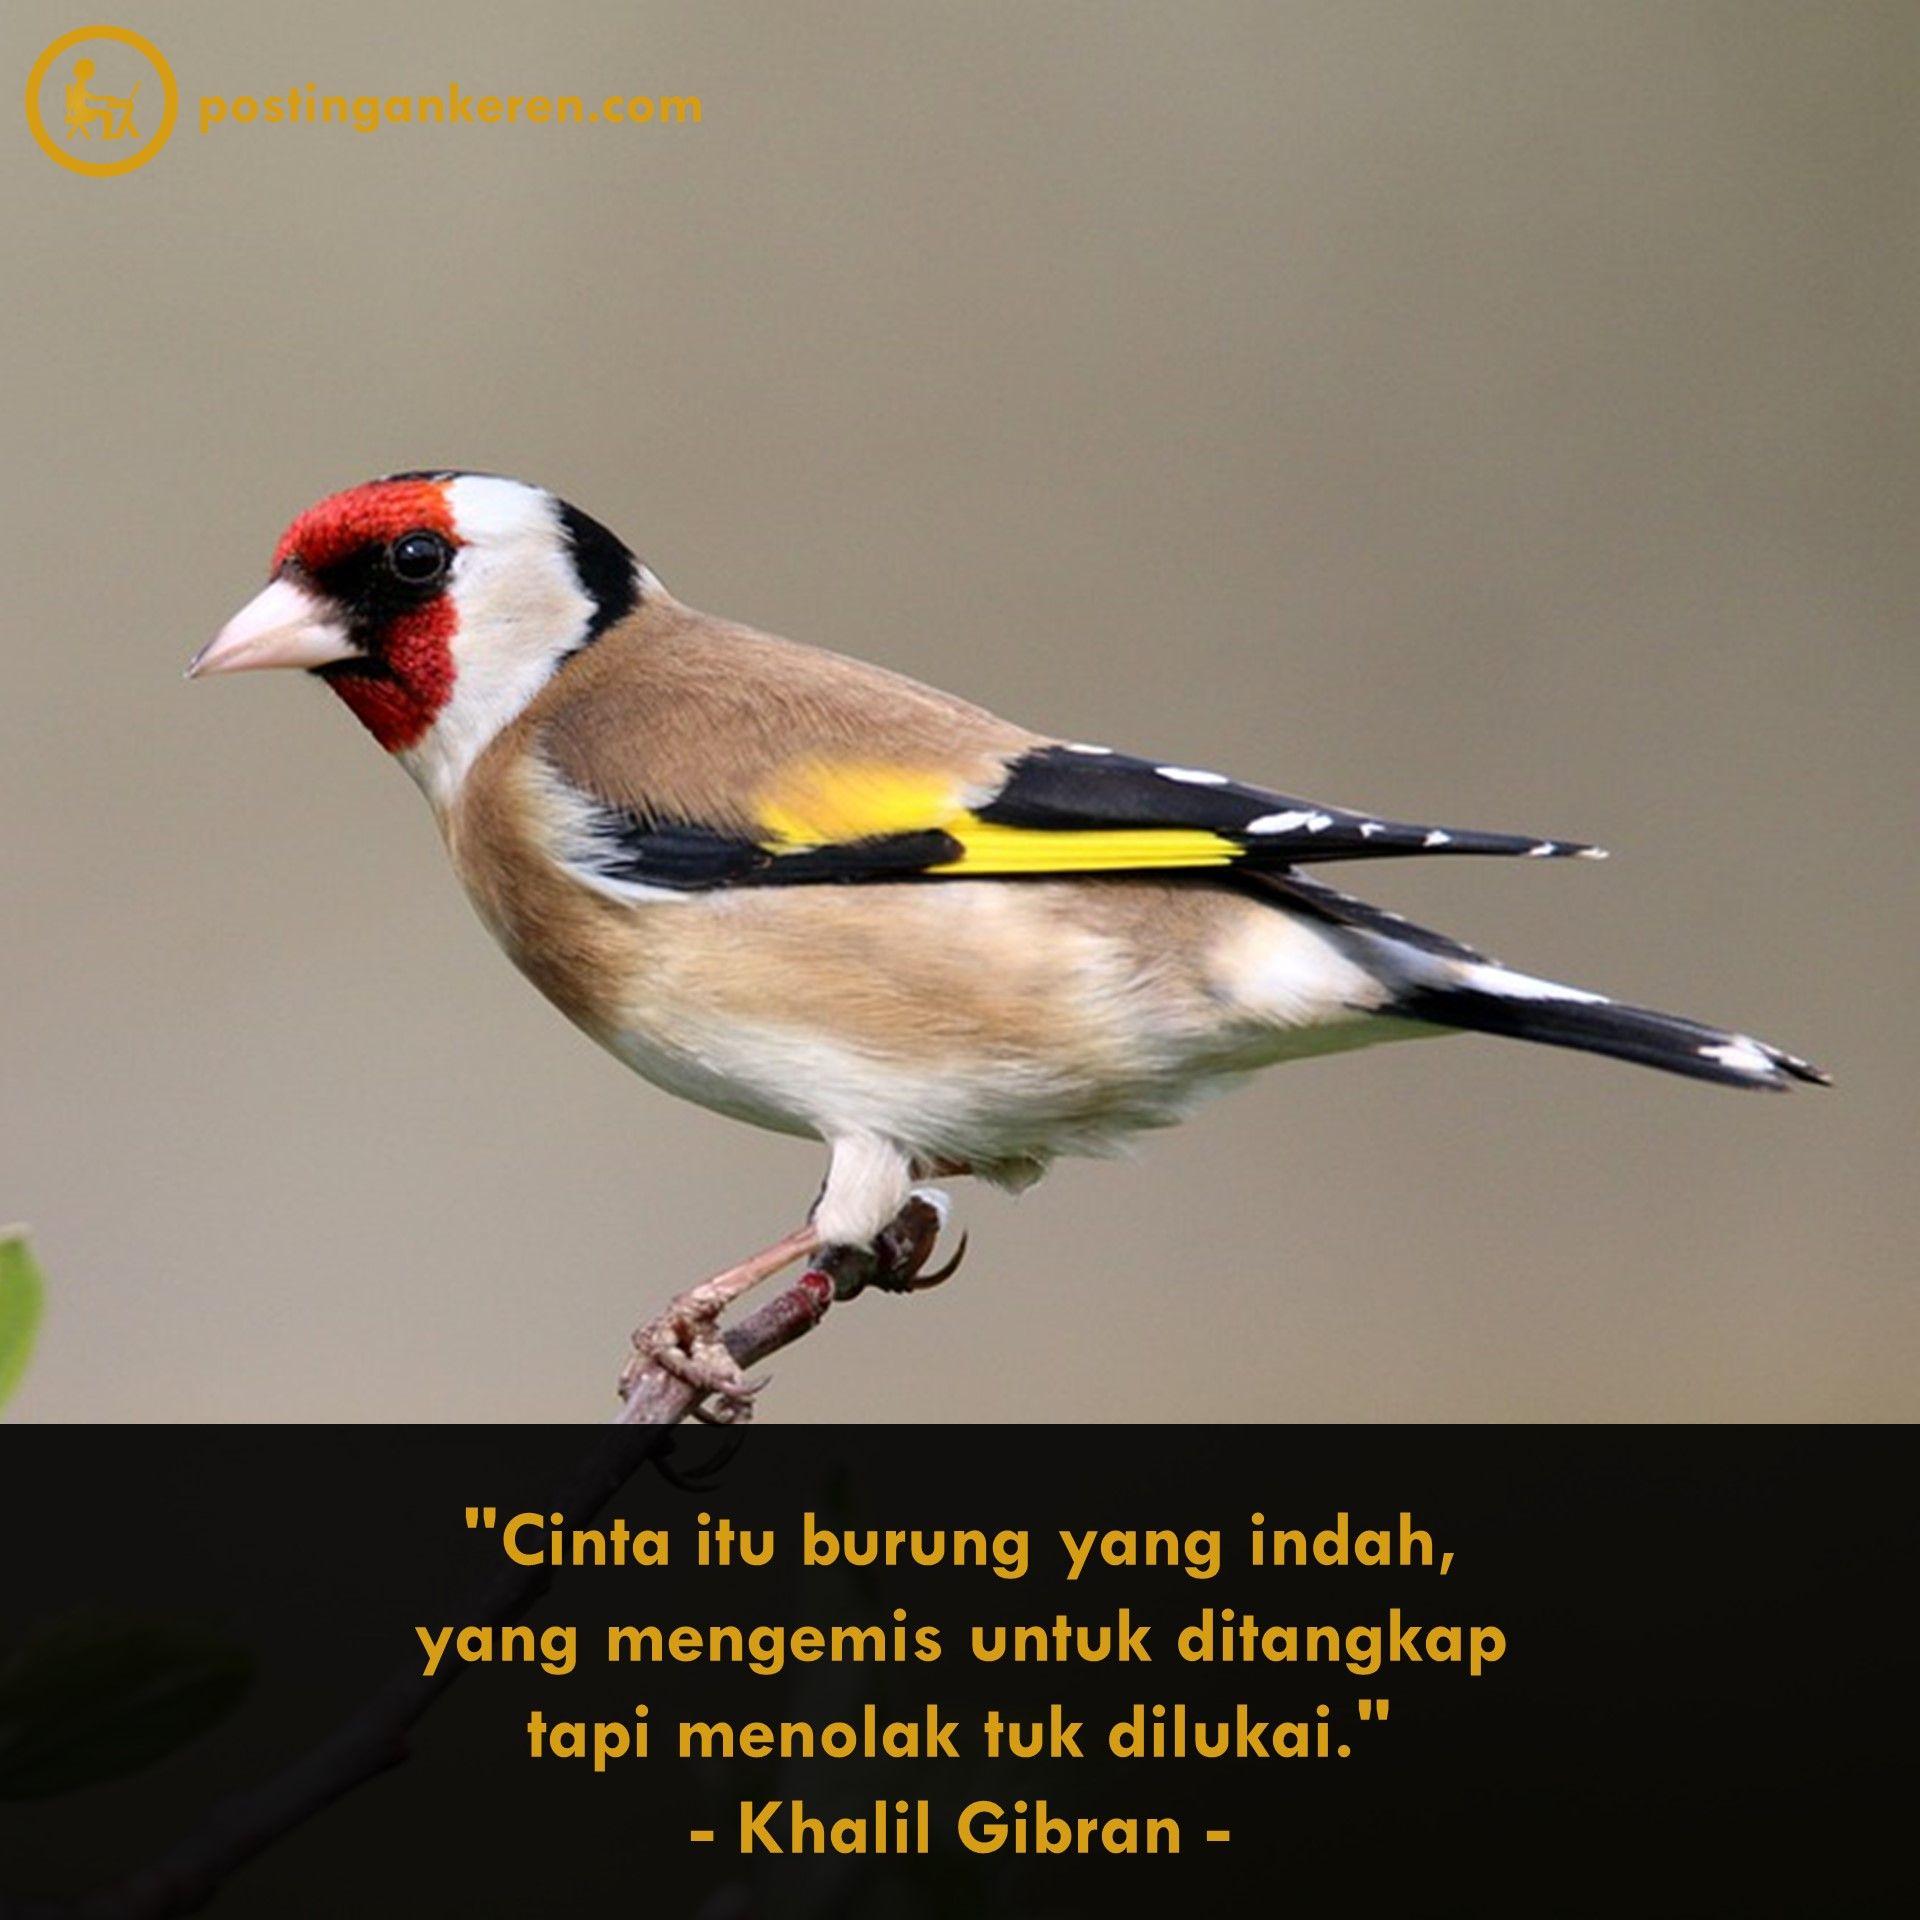 Cinta Itu Burung Yang Indah Yang Mengemis Untuk Ditangkap